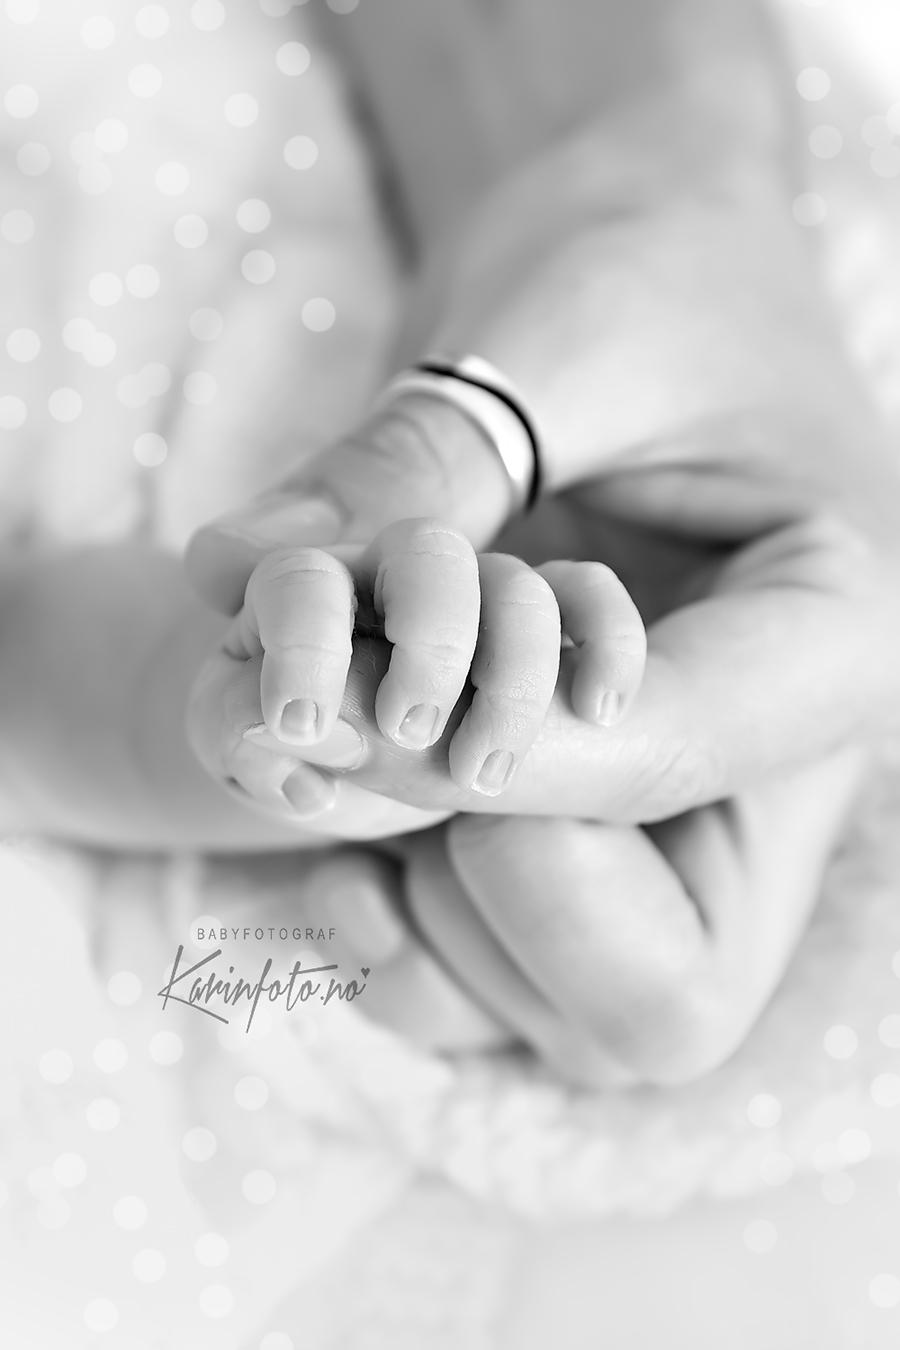 Nyfødtfotograf Karin Pedersen, Nyfødtfotografering,nyfødtfoto,babyfotograf,babyfoto,nyfødtfoto,sarpsborg,oslo,fredrikstad,moss,halden,askim,kalnes,grålum,